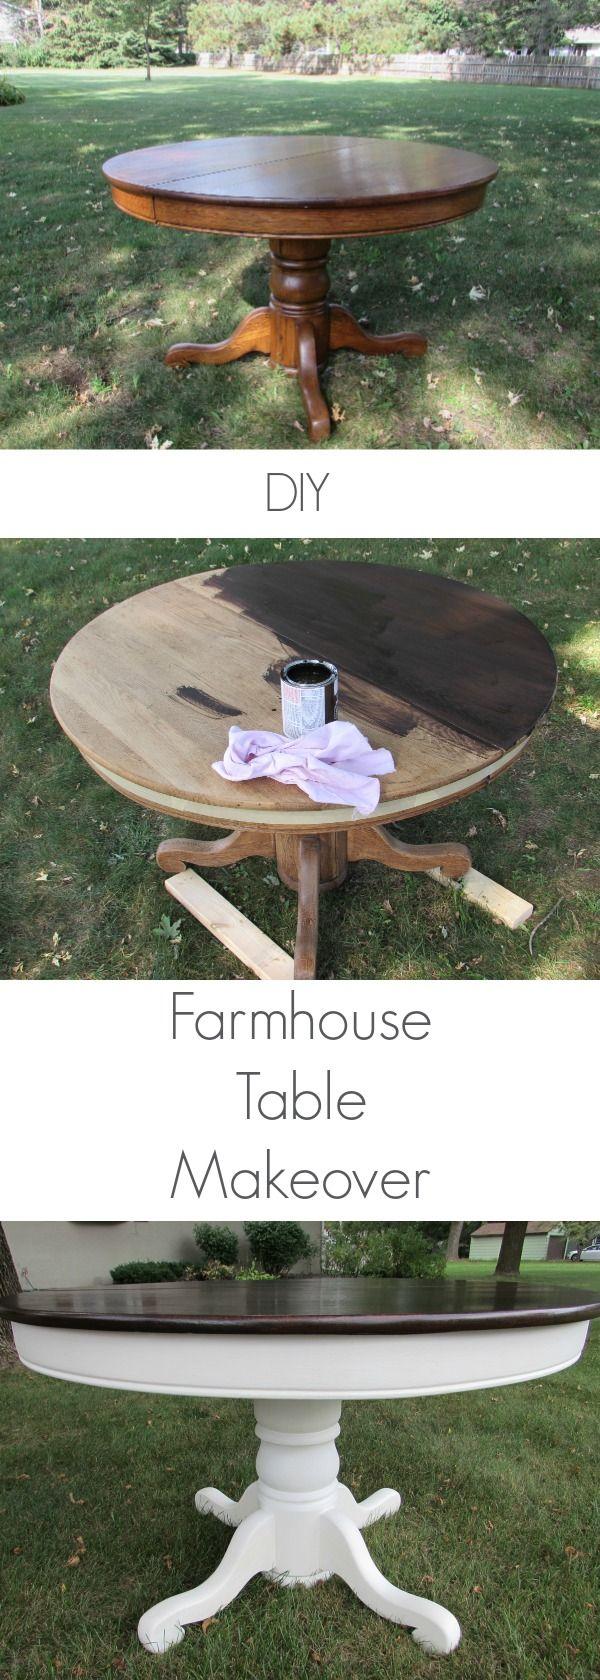 diy farmhouse table turn your table into a farmhouse table diy farmhouse table kitchen table on farmhouse kitchen table diy id=18145